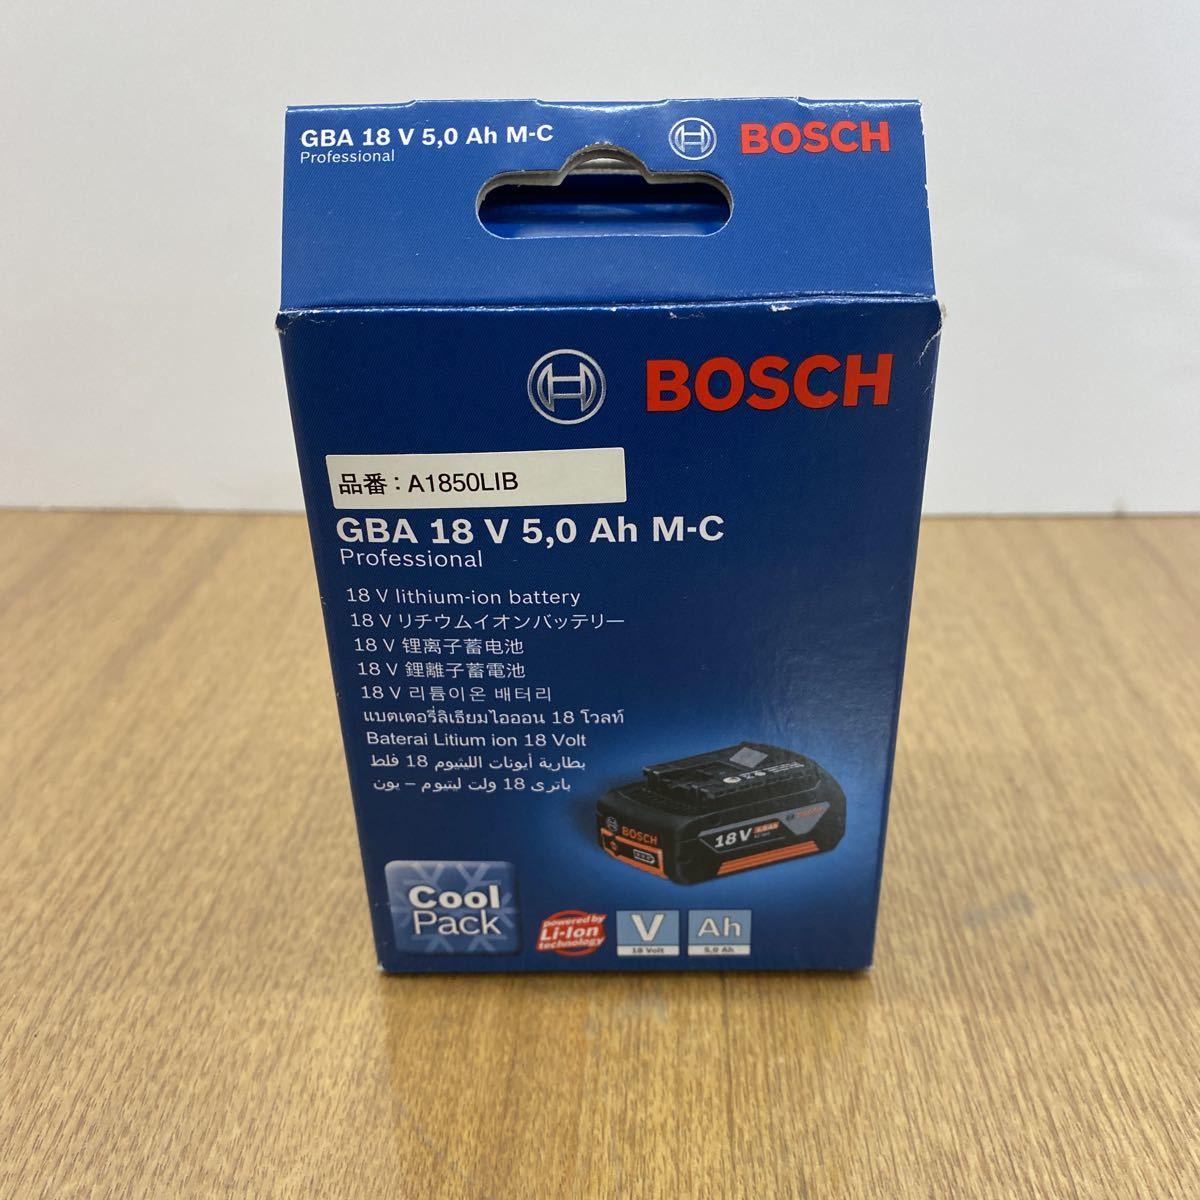 ボッシュ 18V リチウムイオンバッテリー 18V 5.0Ah BOSCH 新品_画像4